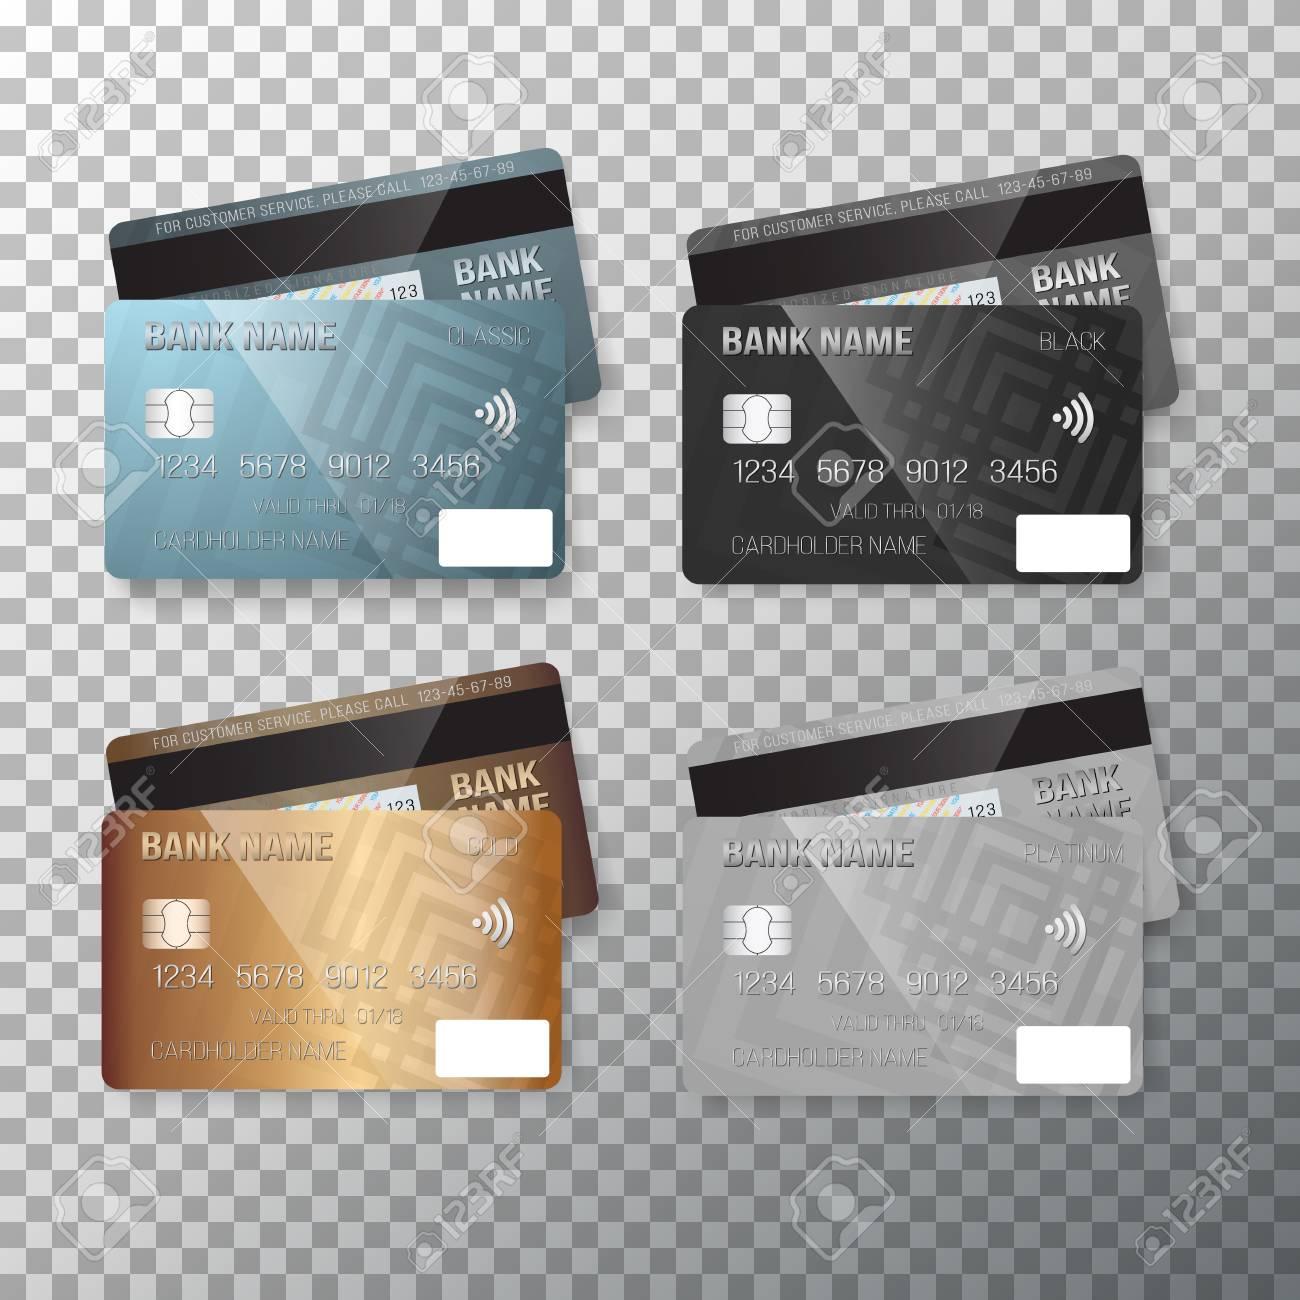 Carte Bleue Transparente.Illustration De Vecteur De Carte De Credit Cartes Bancaires Realistes Isoles Sur Fond Transparent